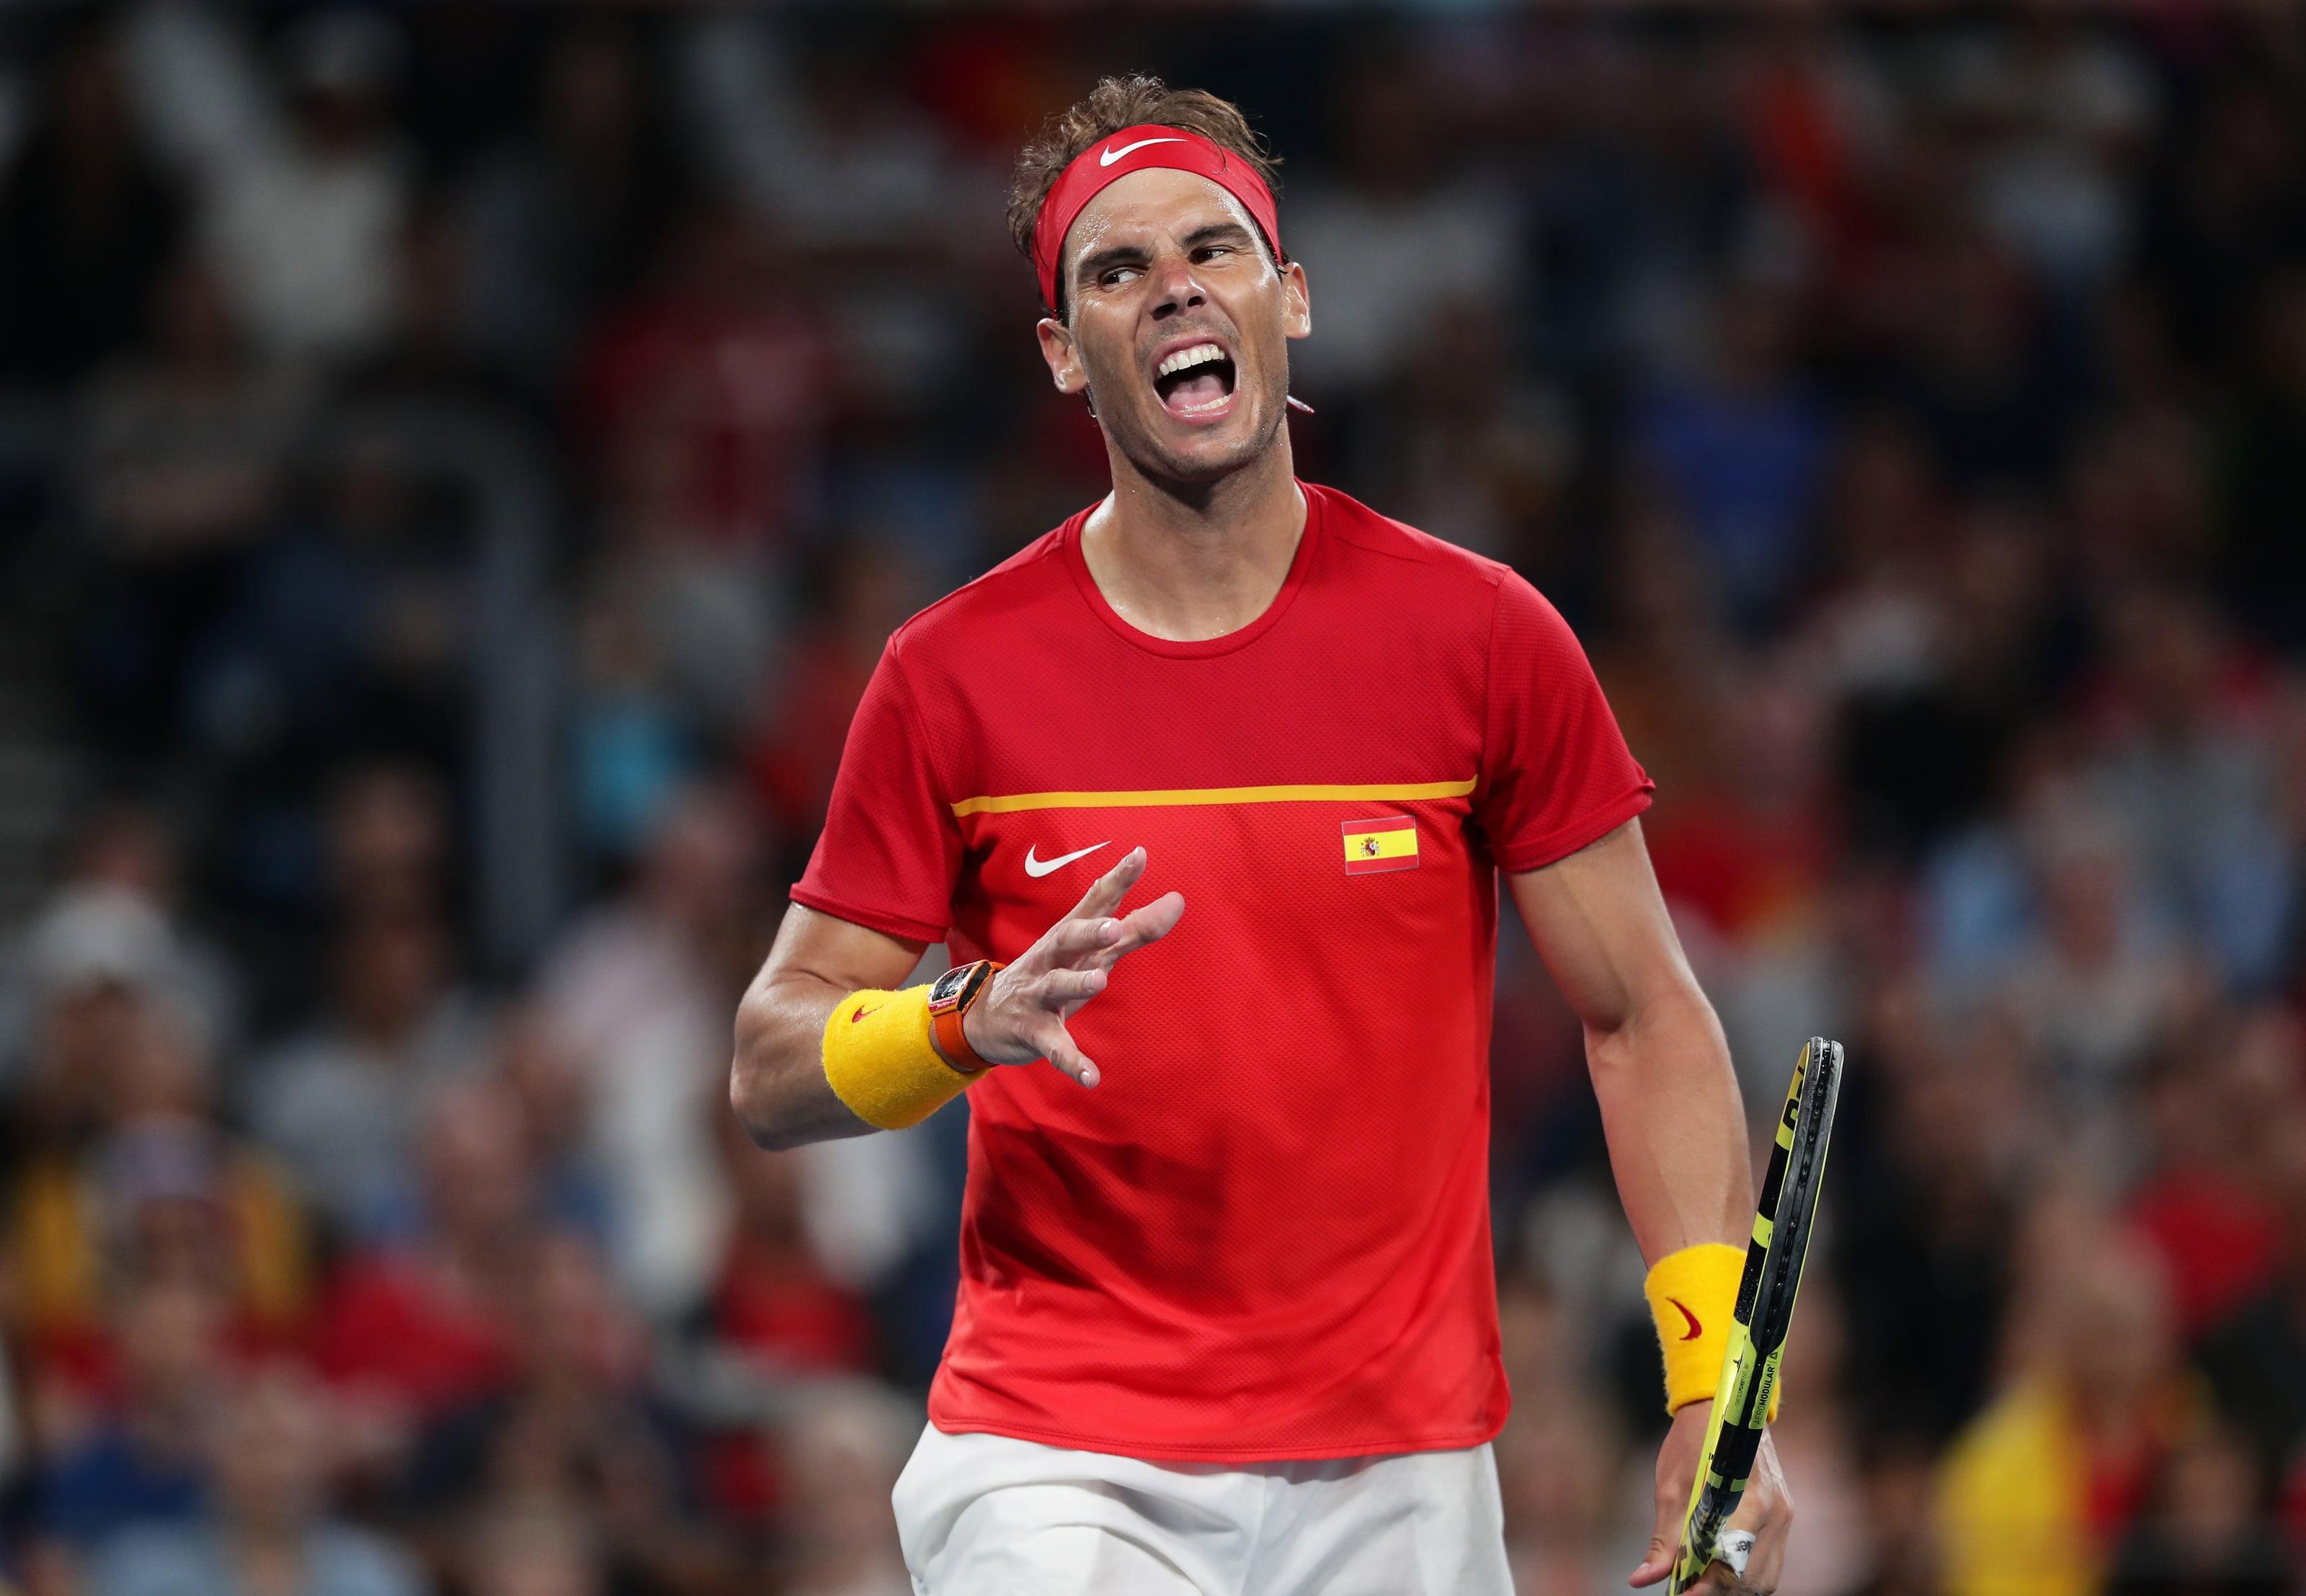 Rafael Nadal lost to Novak Djokovic